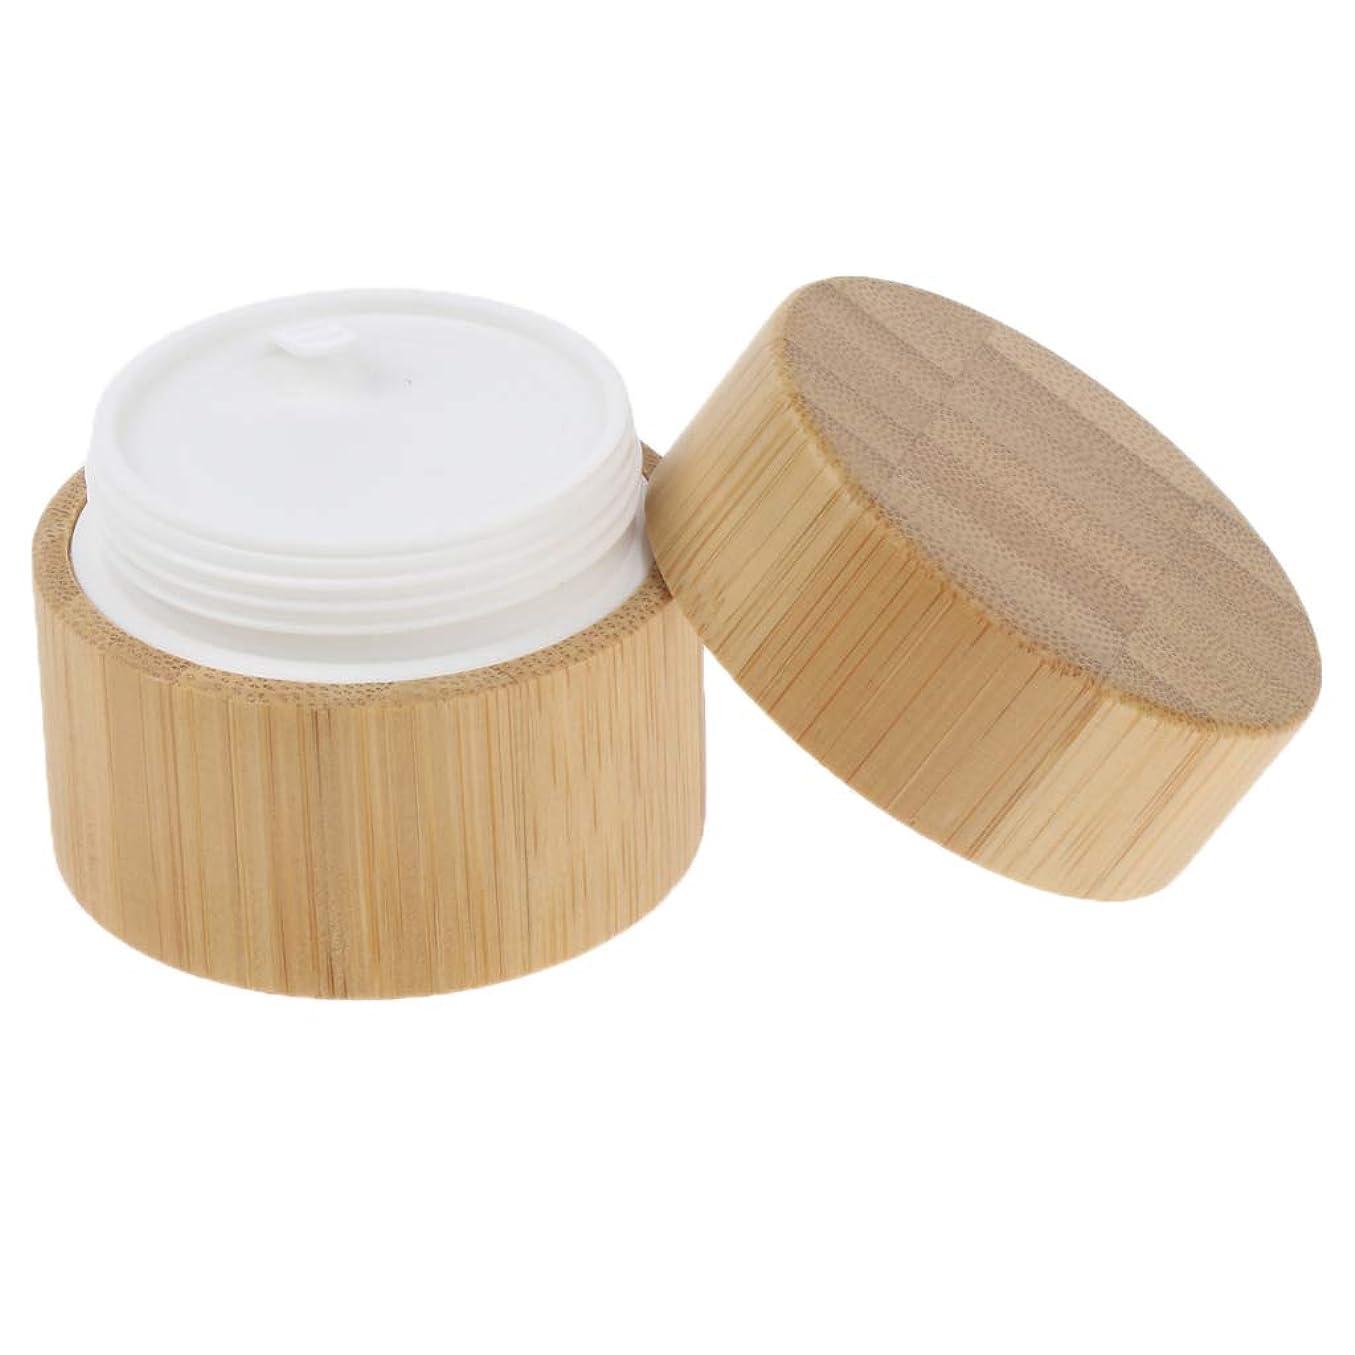 贅沢領域贅沢FLAMEER ナチュラル 竹木 ラウンド クリームコンテナ リップバーム コスメ 化粧品容器 2サイズ選べ  - 30g